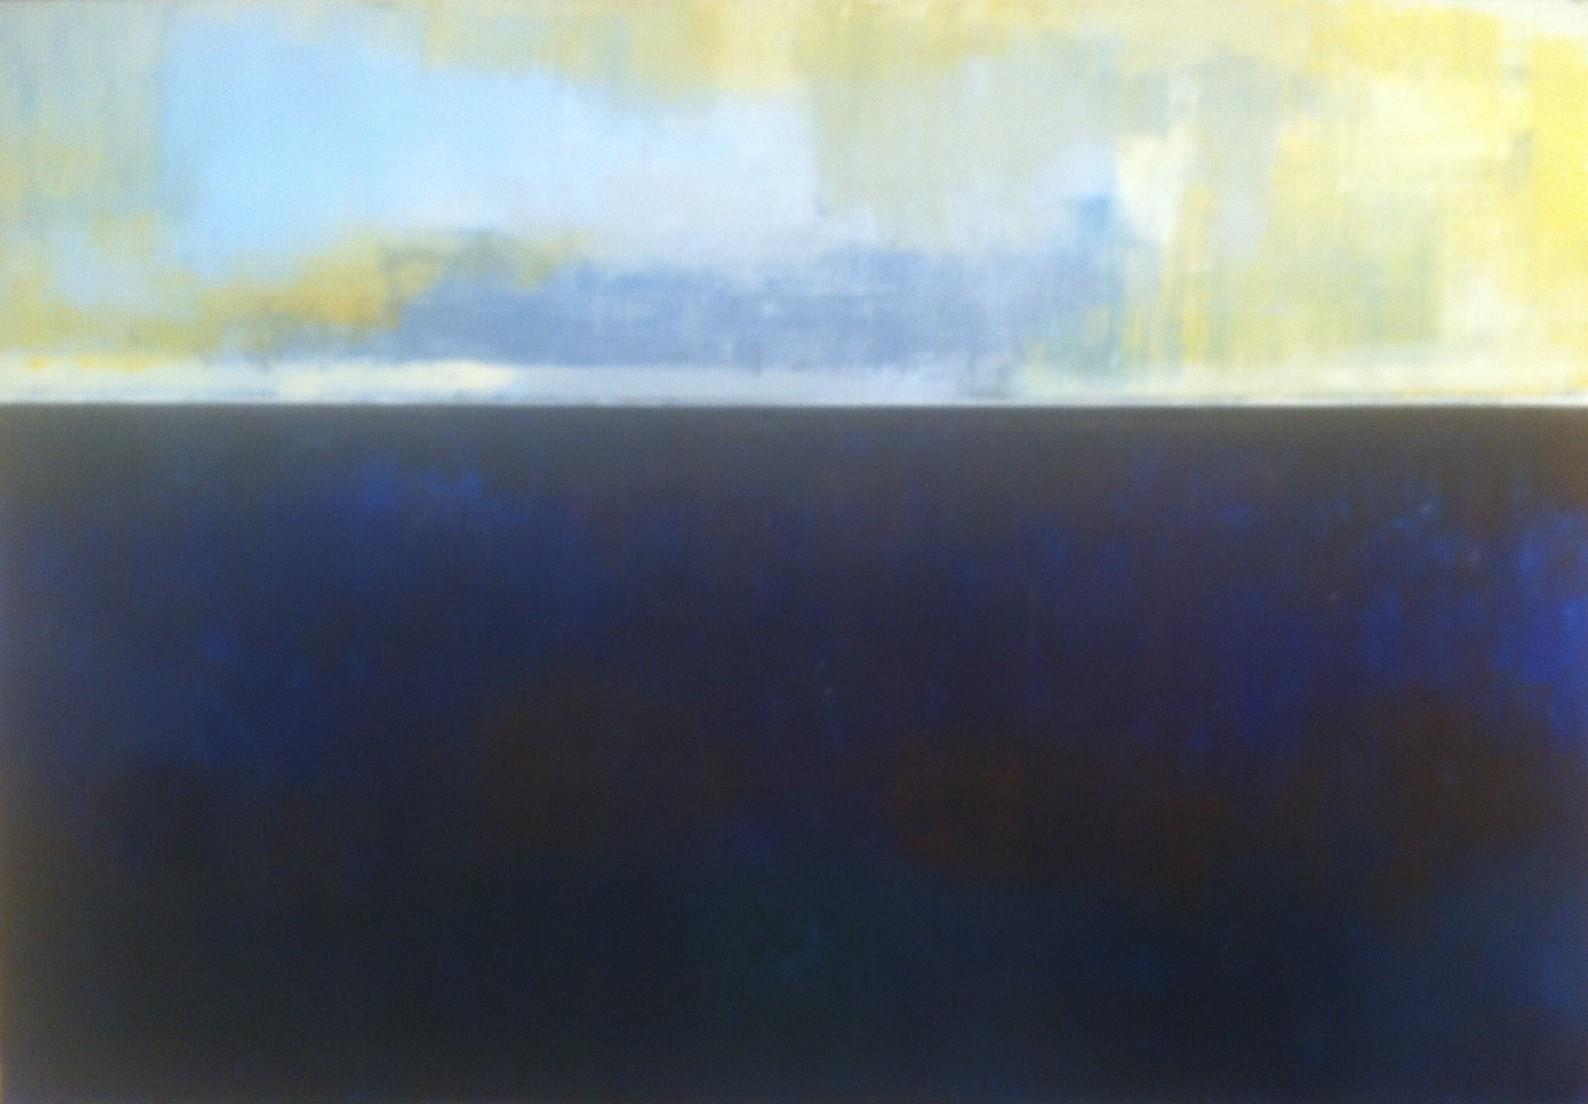 N°1825 - Pleine mer - Acrylique sur toile - 97 x 130 cm - 21 mars 2015